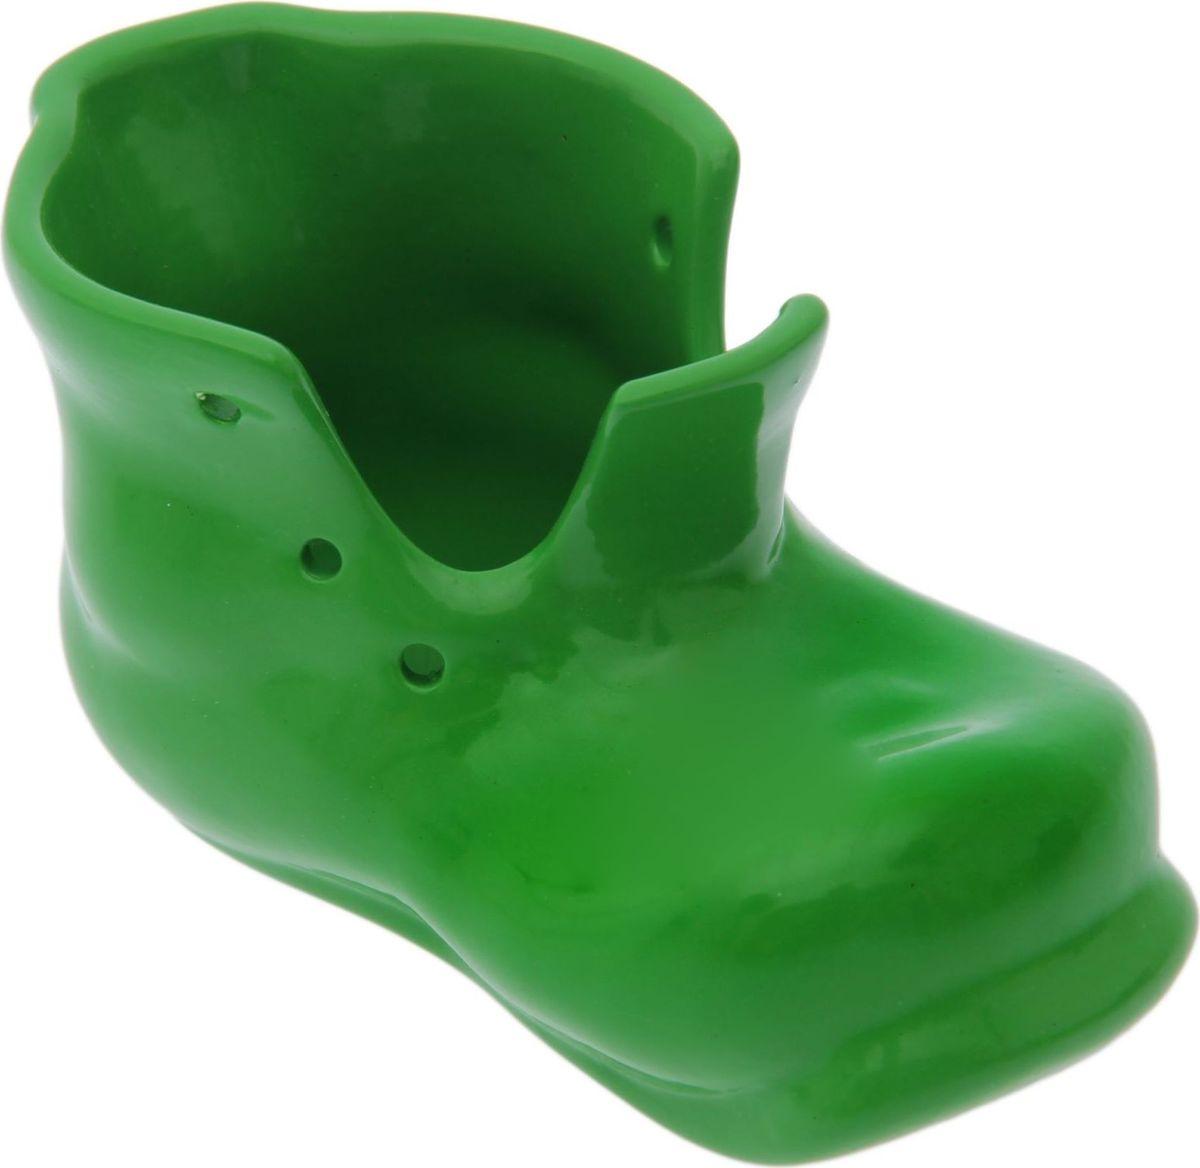 Кашпо Керамика ручной работы Башмак, цвет: зеленый, 0,18 л1489648Комнатные растения — всеобщие любимцы. Они радуют глаз, насыщают помещение кислородом и украшают пространство. Каждому из растений необходим свой удобный и красивый дом. Поселите зелёного питомца в яркое и оригинальное фигурное кашпо. Выберите подходящую форму для детской, спальни, гостиной, балкона, офиса или террасы. #name# позаботится о растении, украсит окружающее пространство и подчеркнёт его оригинальный стиль.